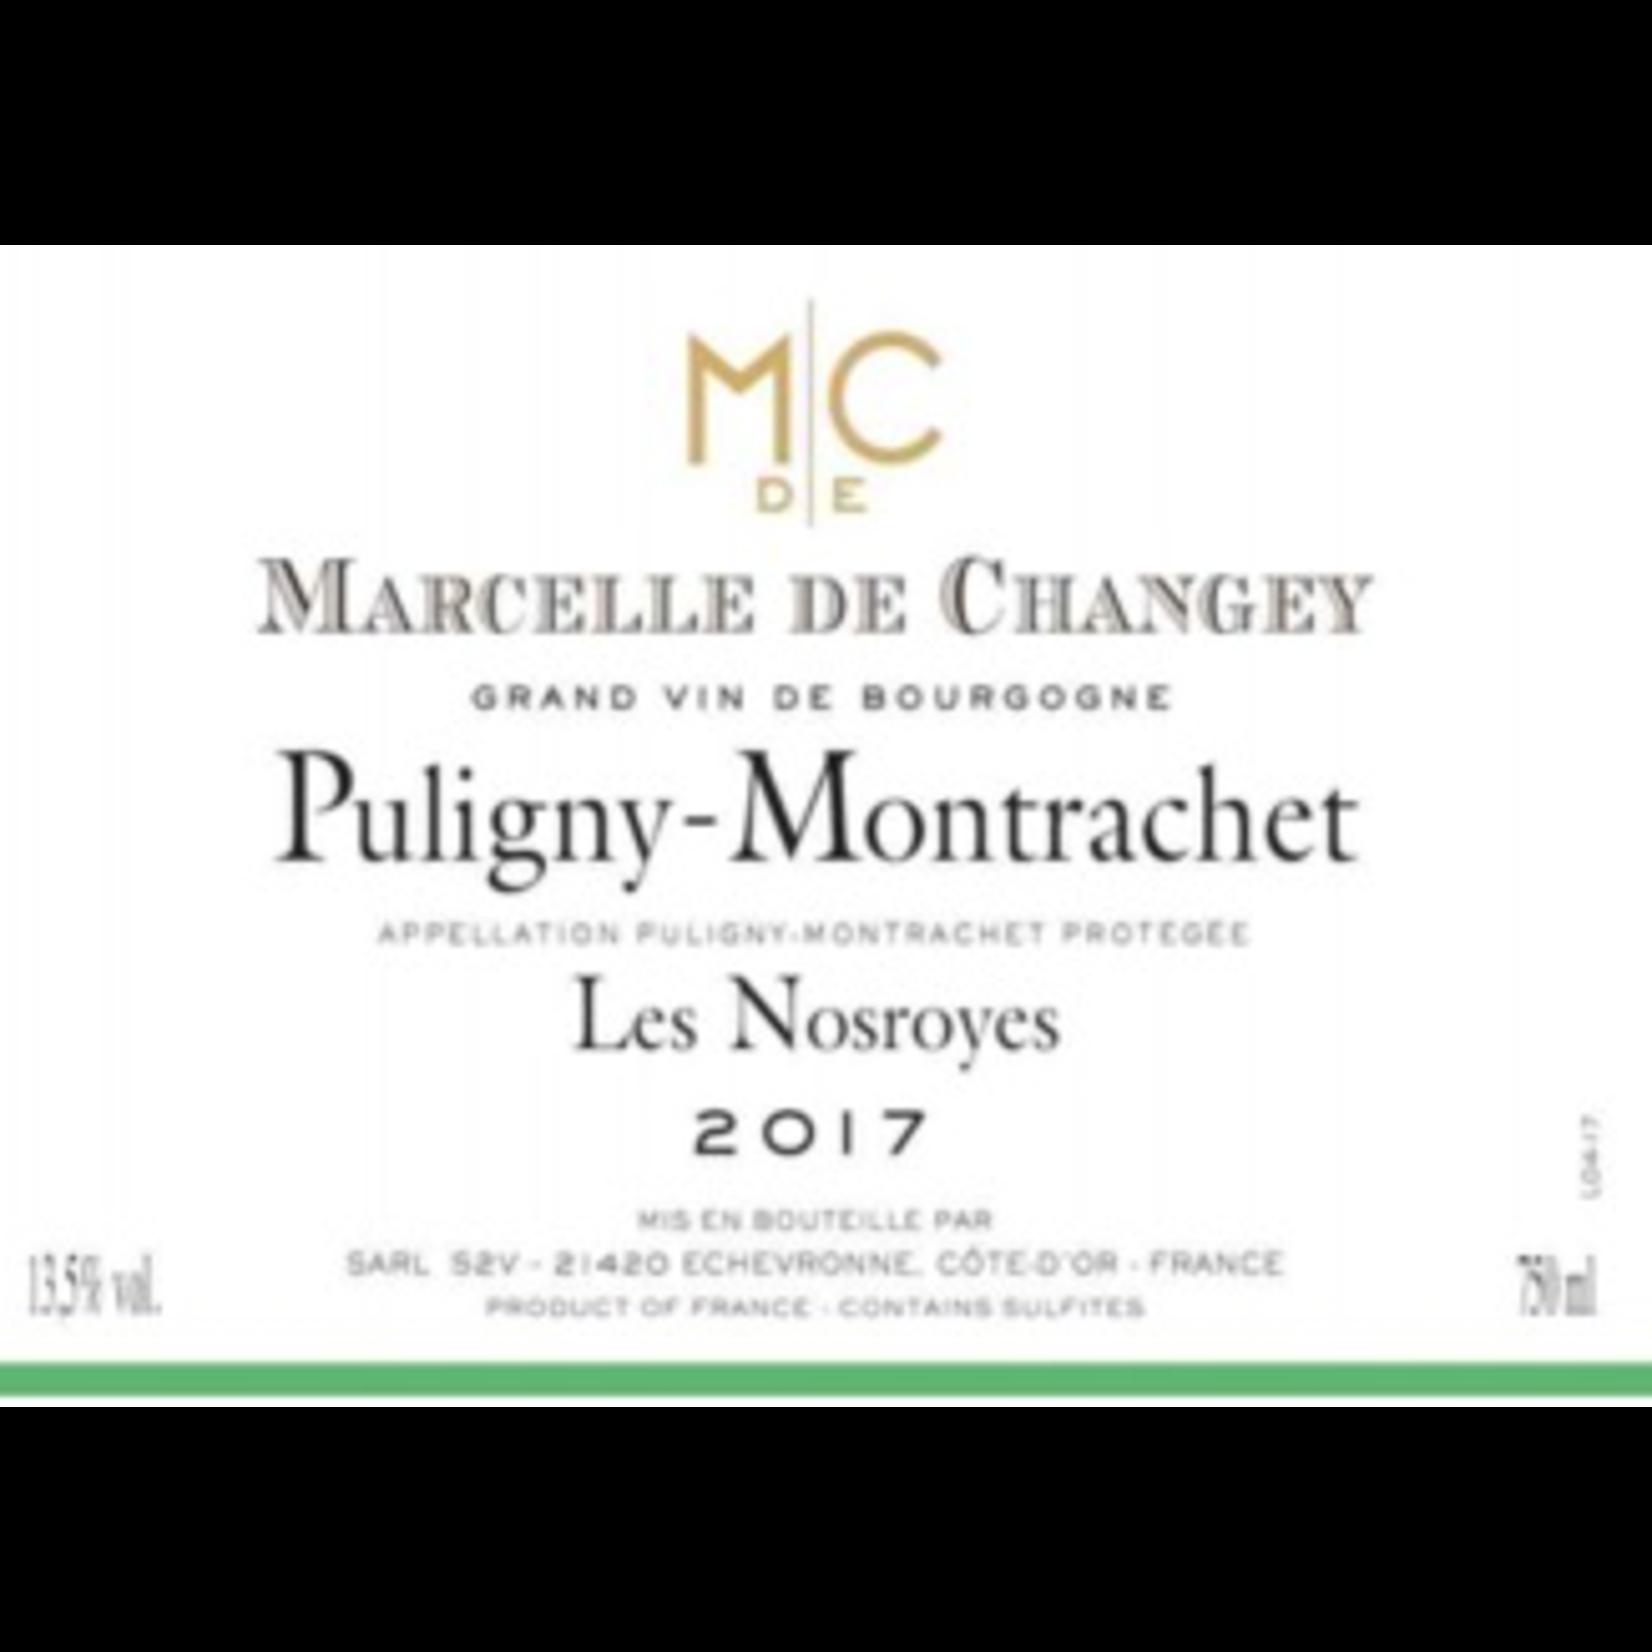 Marcelle de Changey Puligny Montrachet Les Nosroyes 2017